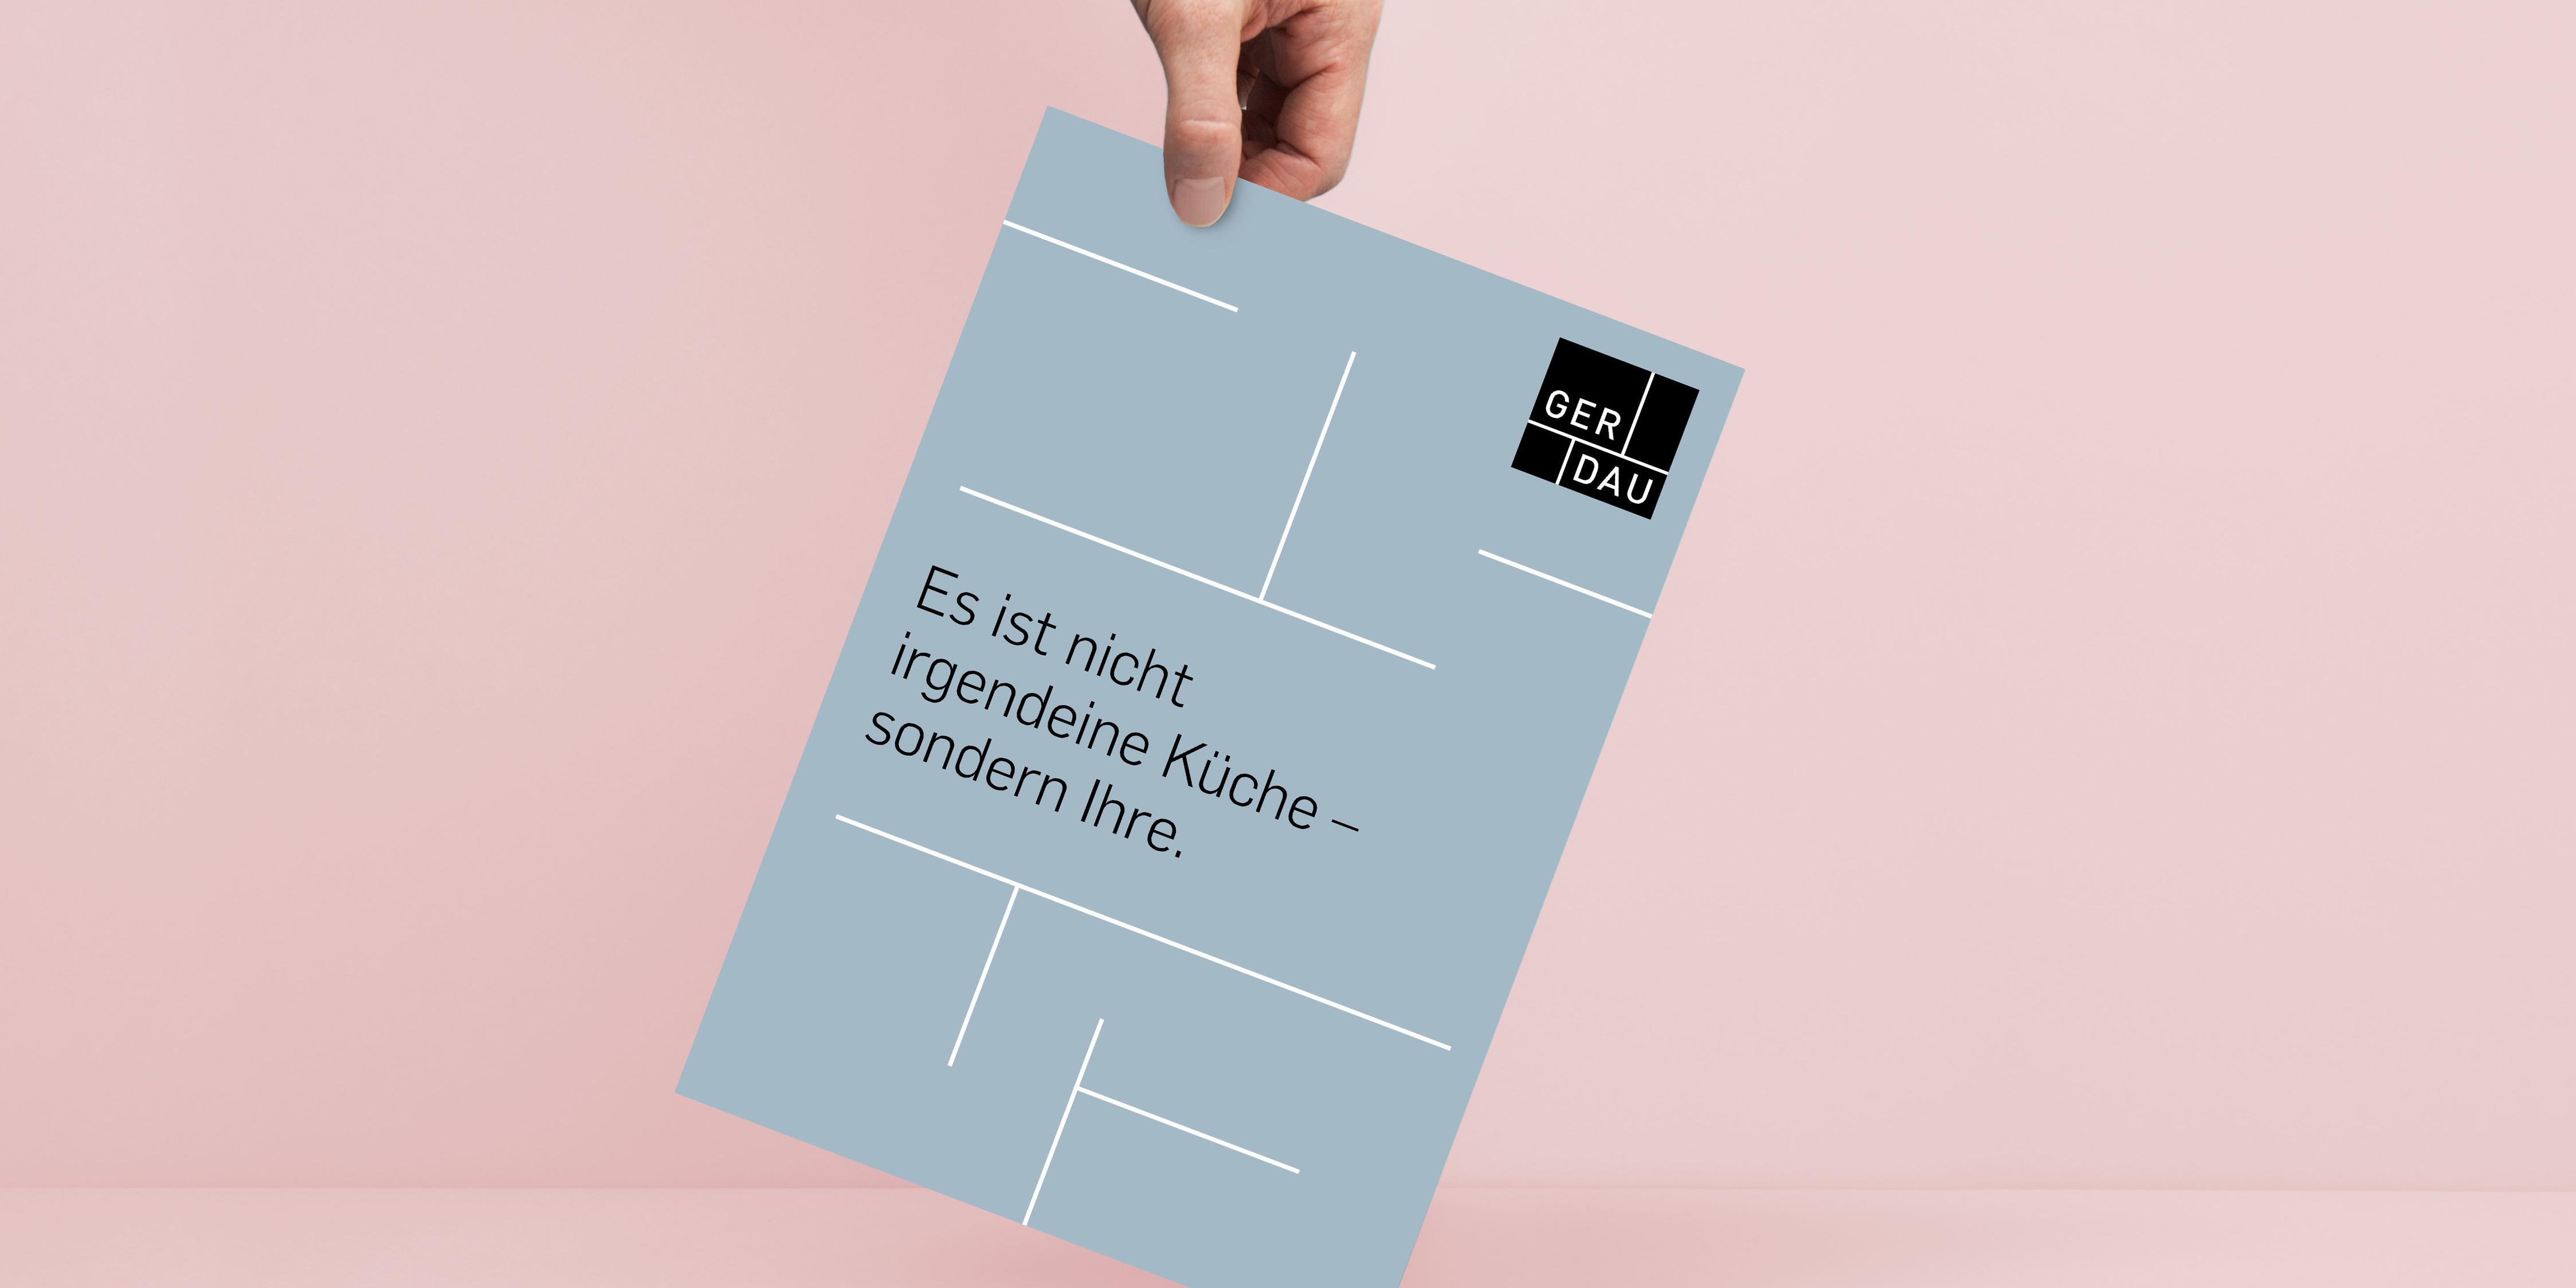 Der neue Imagefolder von GERDAU KÜCHEN präsentiert die neue Marke ganzheitlich in der neuen Brand Identity.